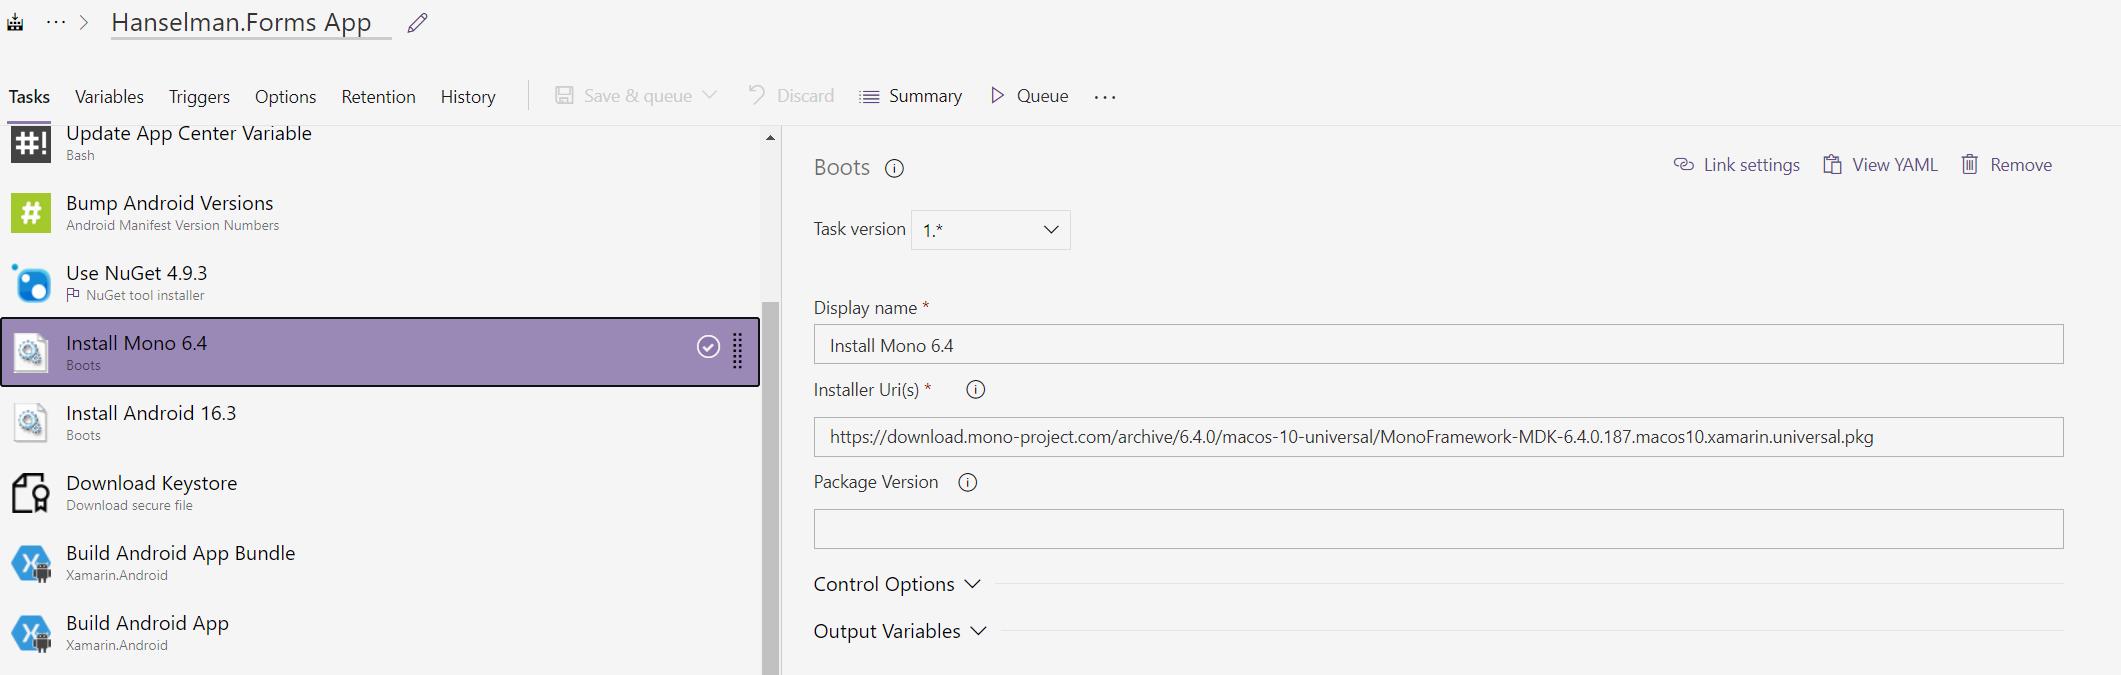 Boots task in Azure DevOps installing Mono 6.4.0